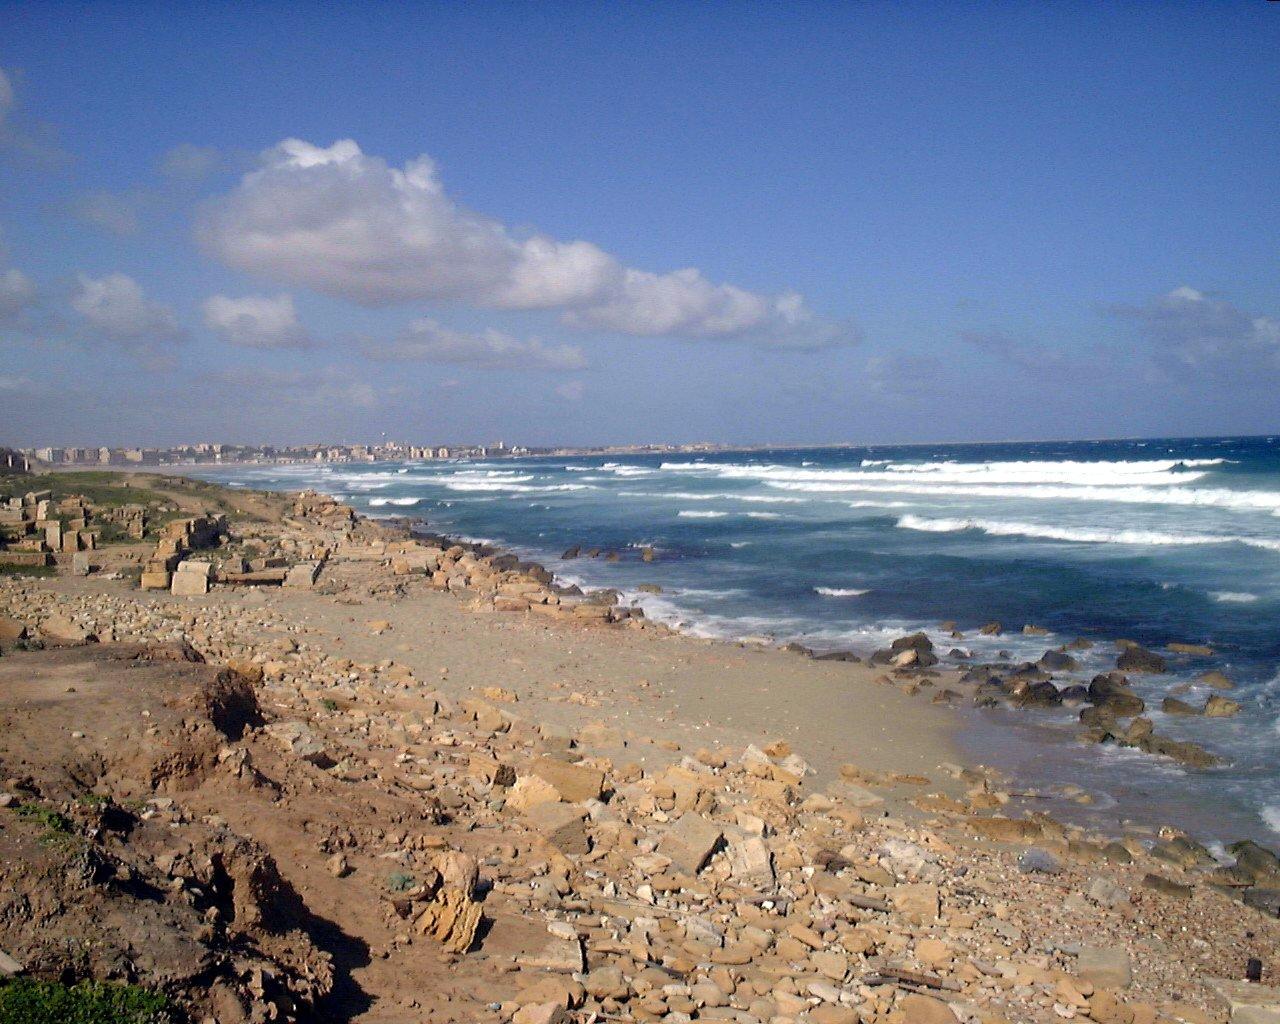 Libye (pobřeží, moře) - Leptis Magna